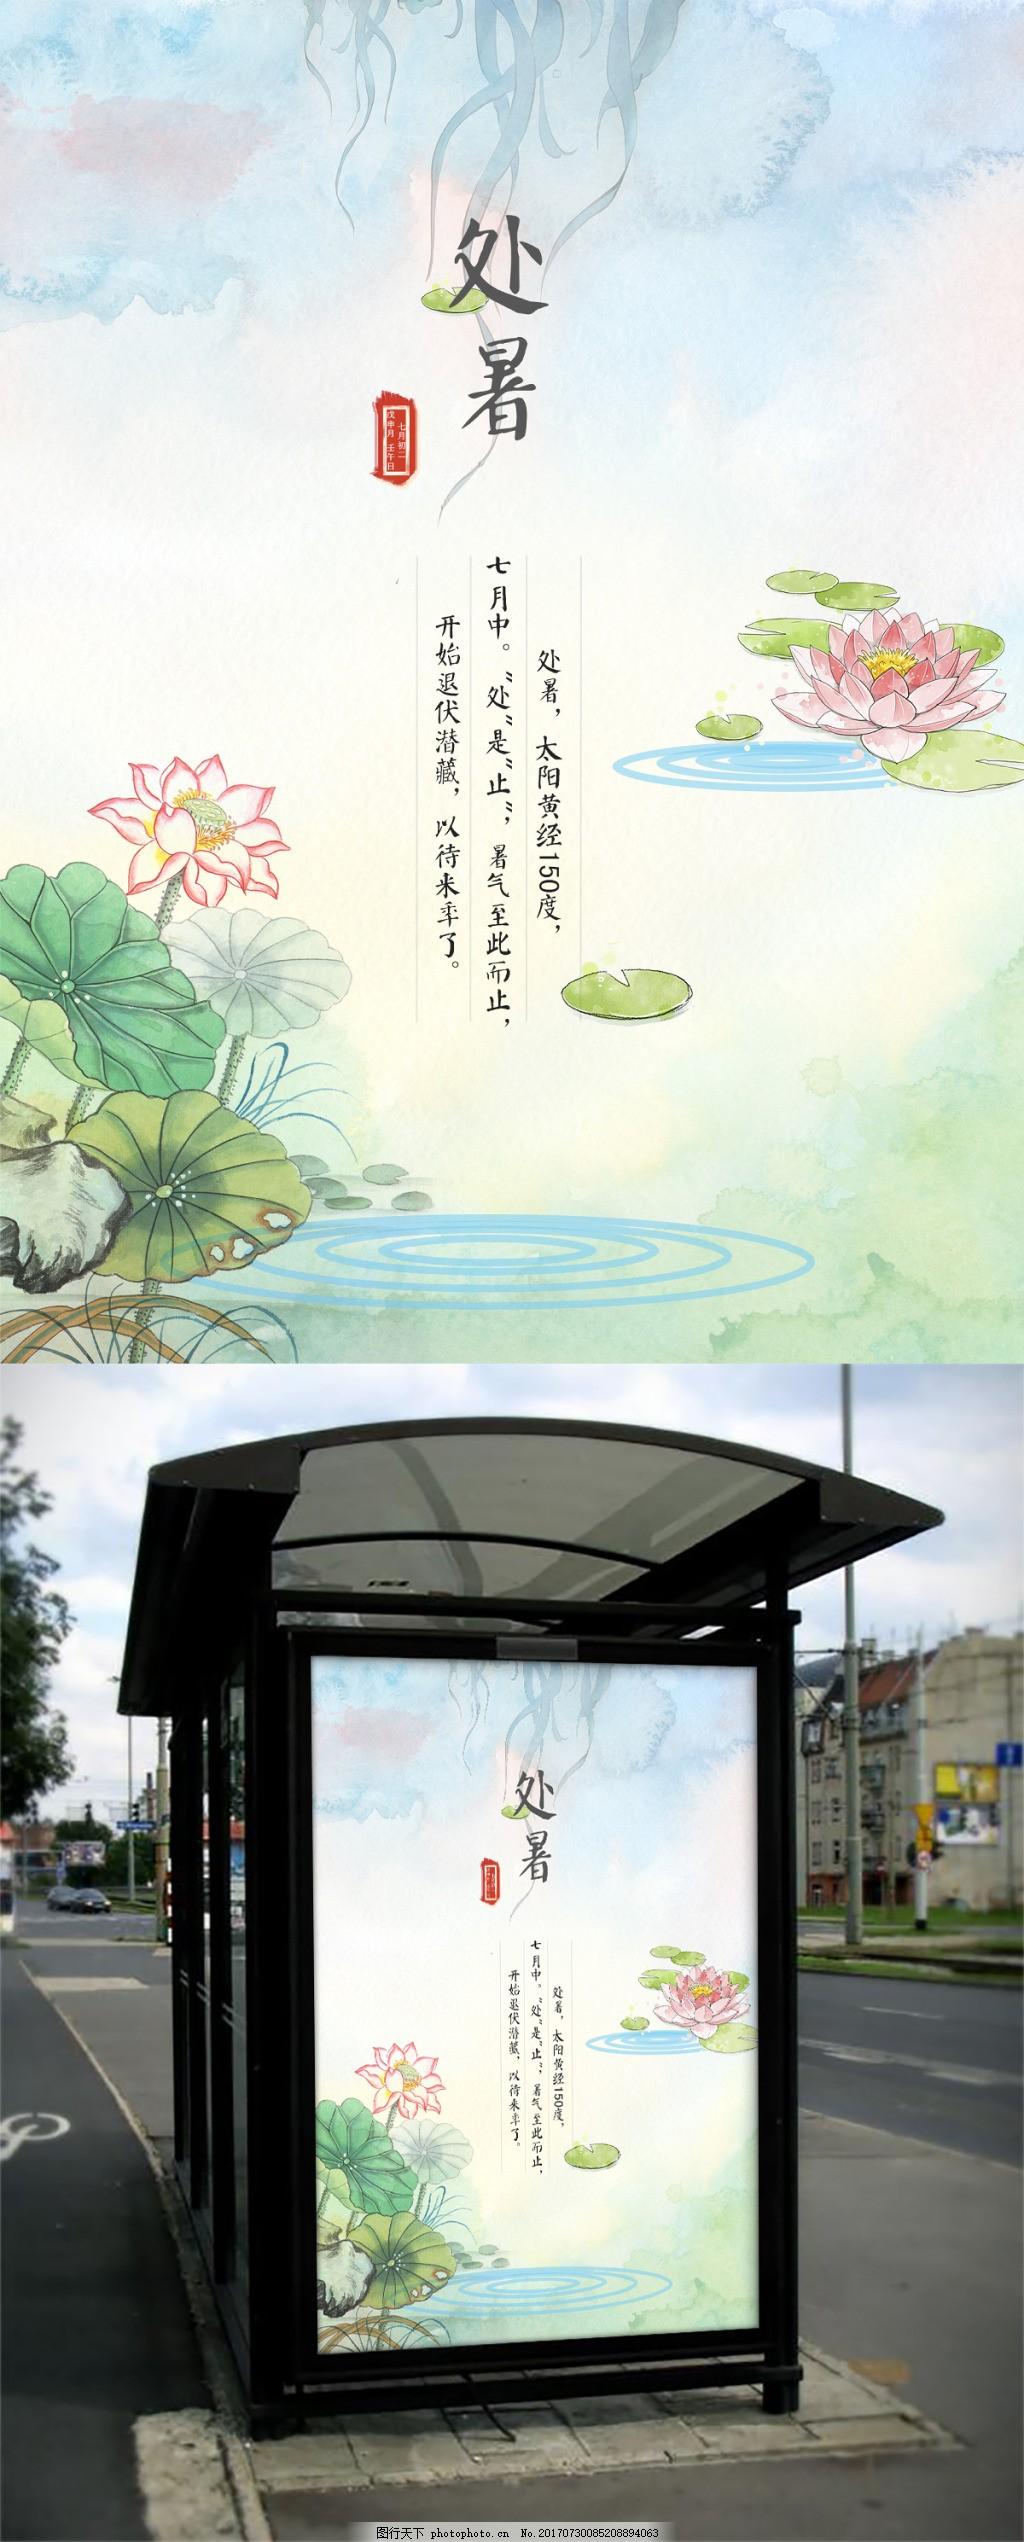 二十四节气处暑国风清新海报 中国风 荷花 荷叶 夏日 蓝绿 清凉